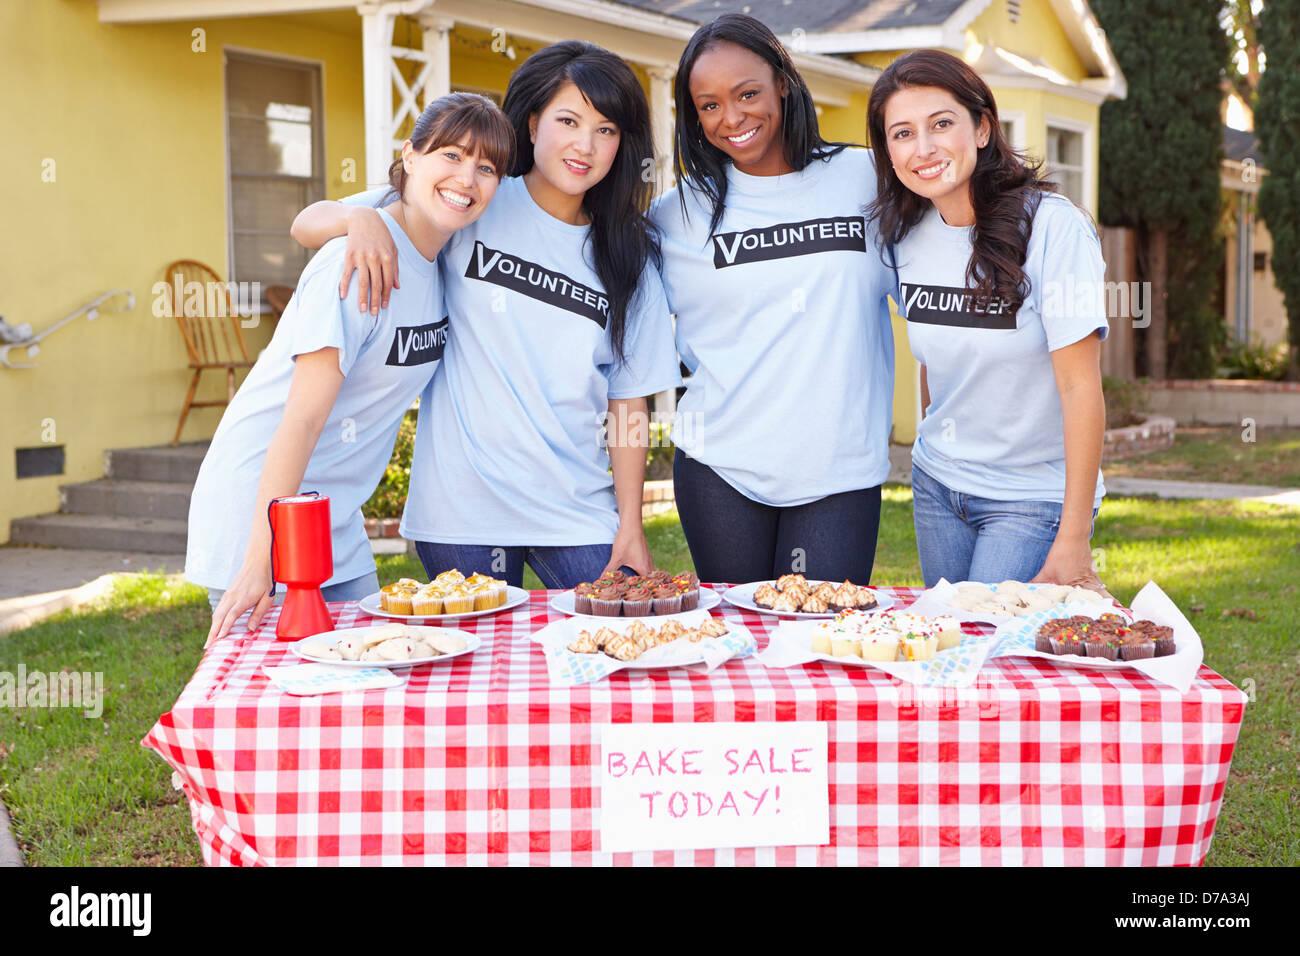 Squadra di donne in funzione della carità cuocere la vendita Immagini Stock